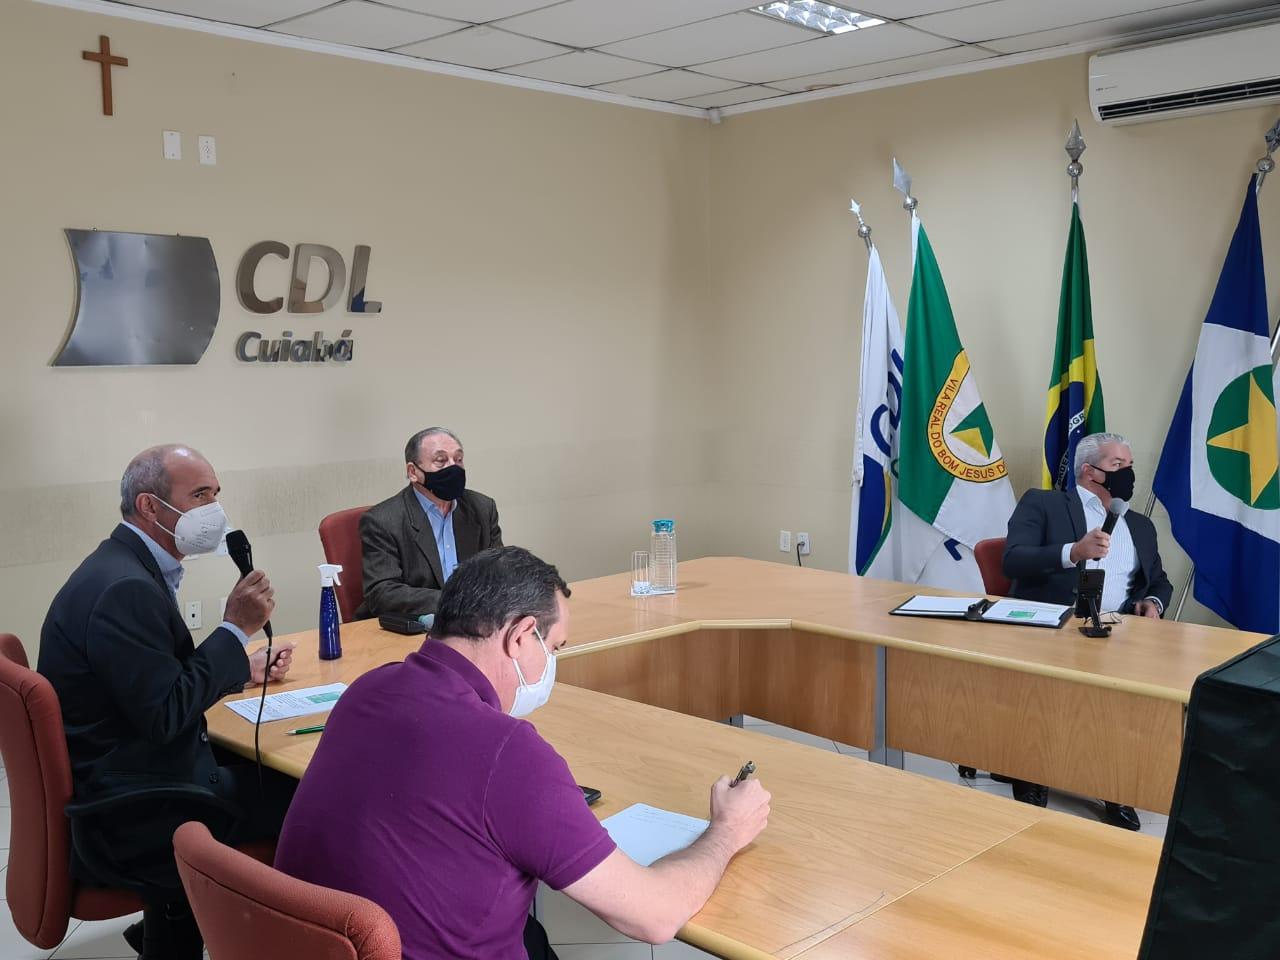 CDL Cuiabá e Lide-MT realizam debate sobre Reforma Administrativa, em pauta na Câmara Federal